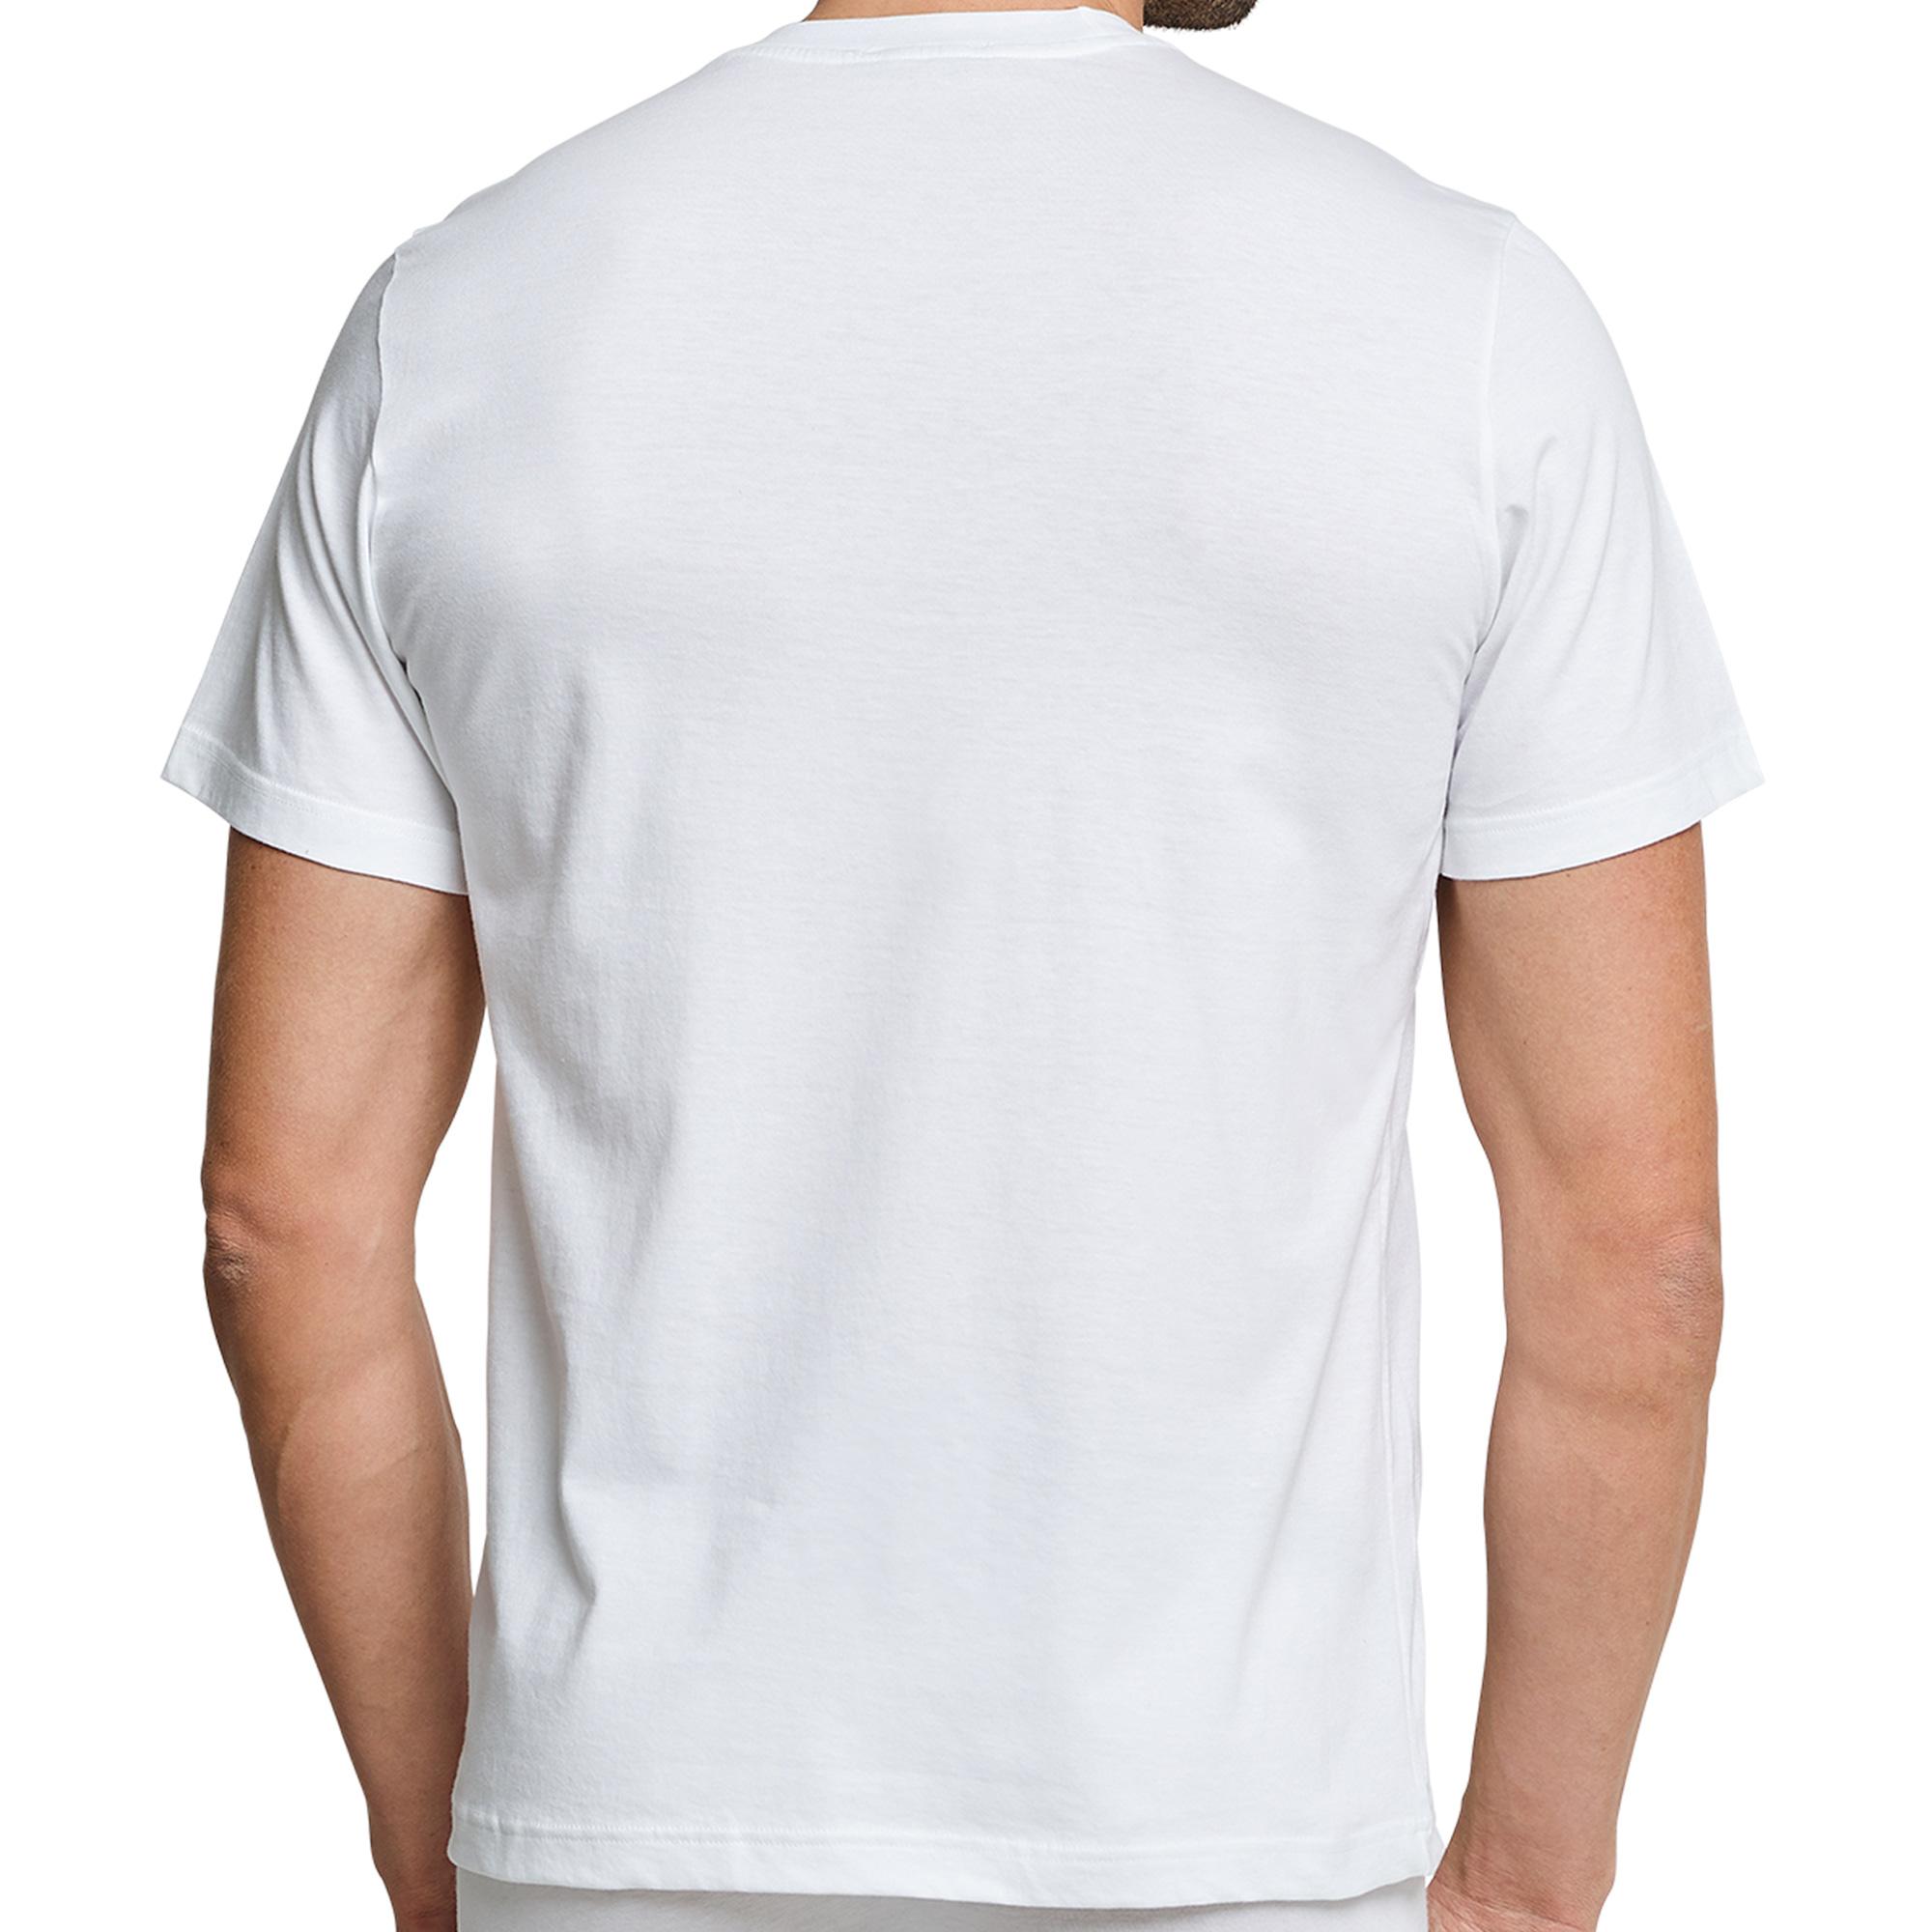 2er Pack Schiesser Herren American T- Shirts mit Rundhals, 100% Baumwolle, Neu – Bild 4